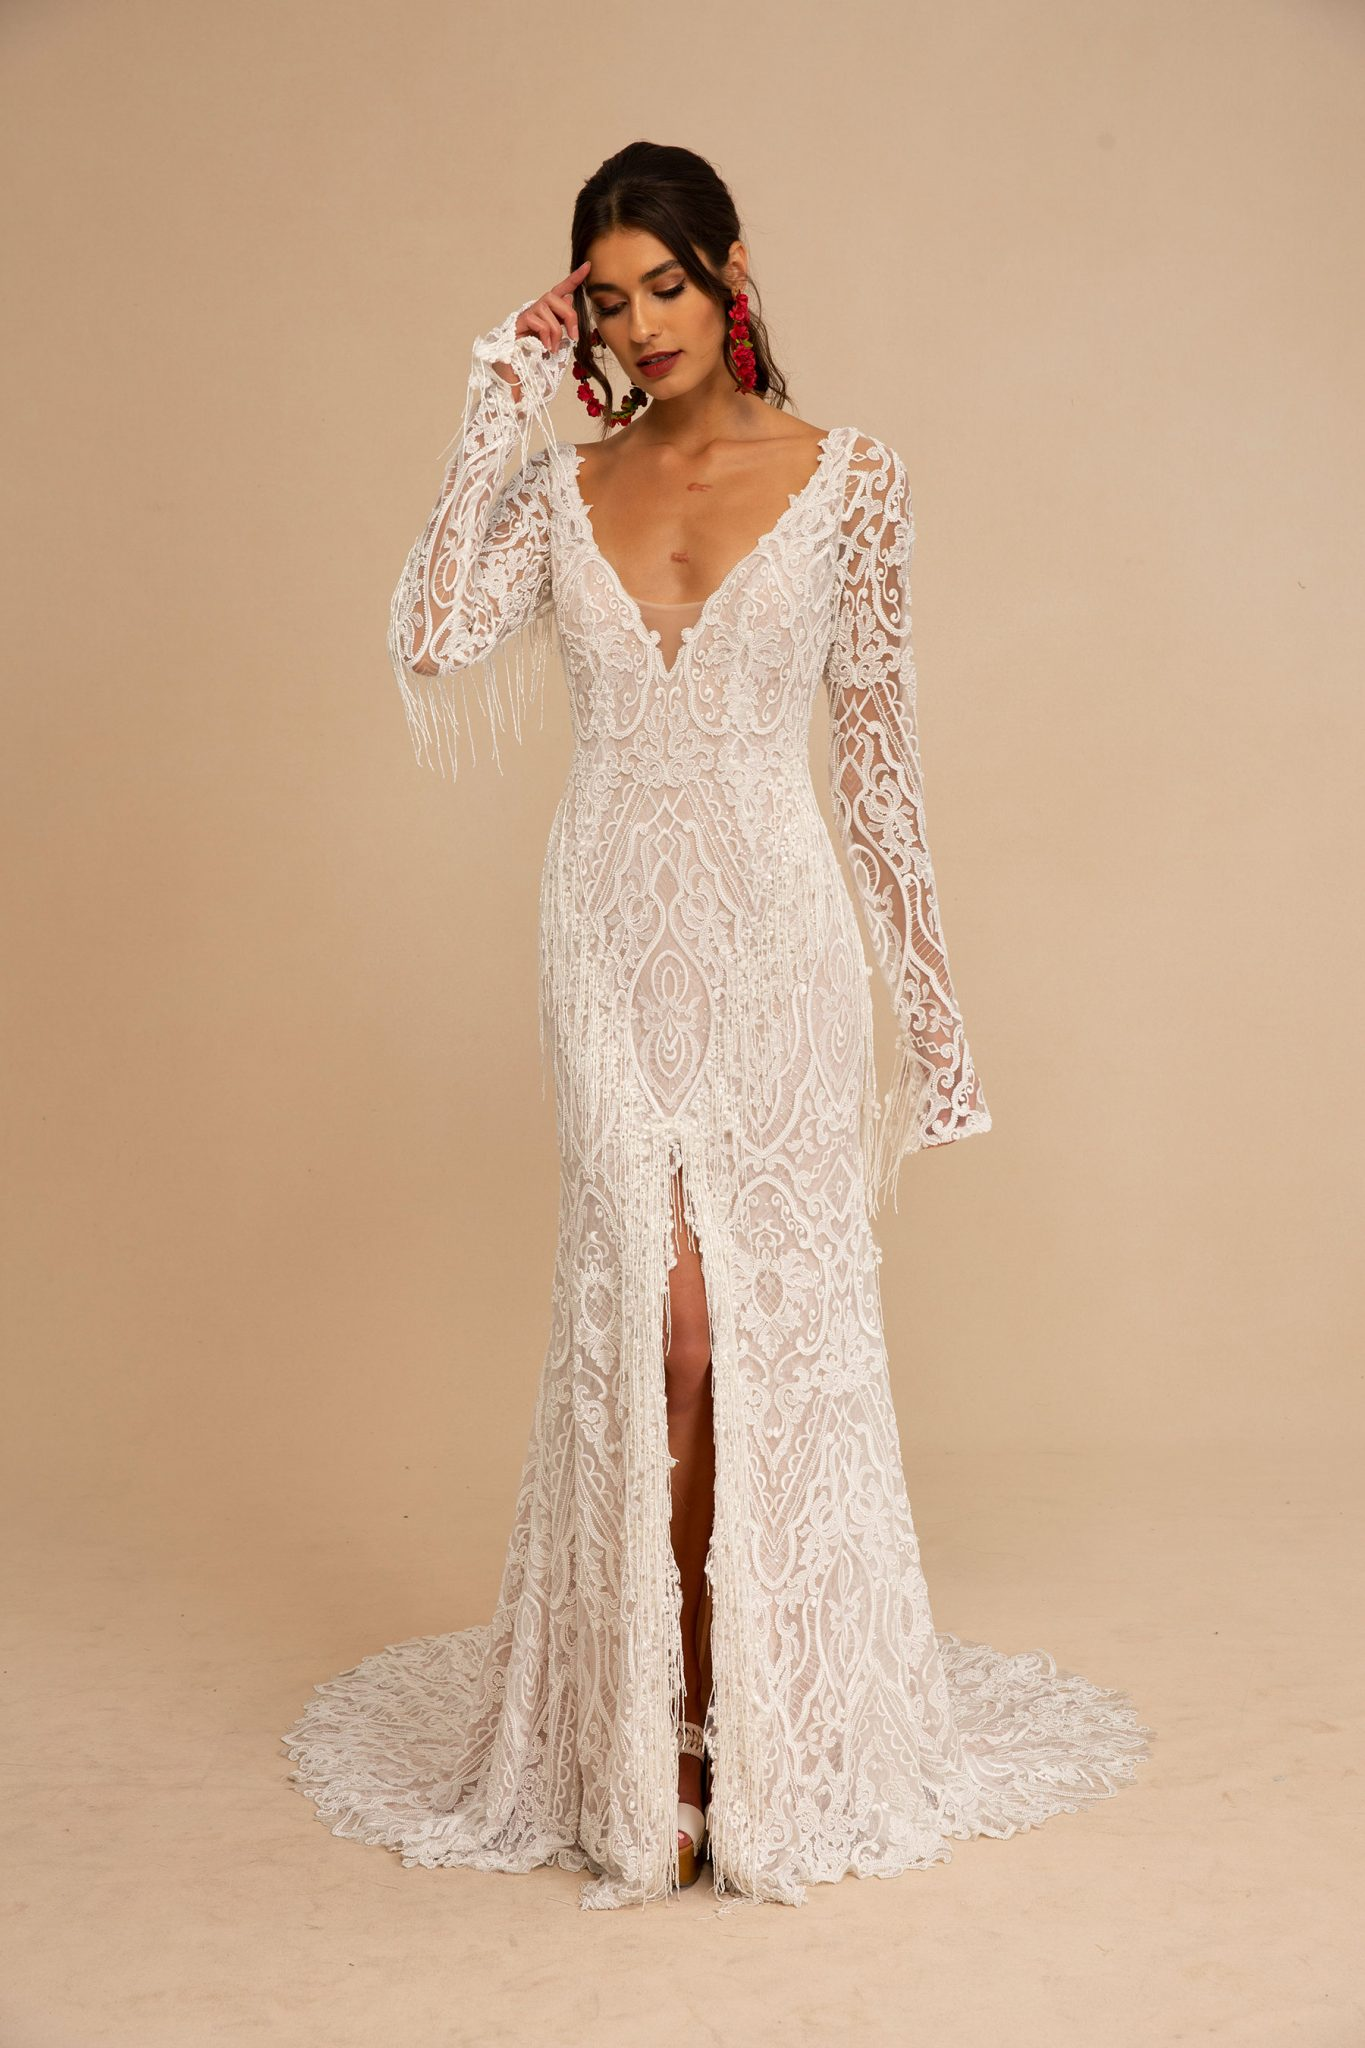 tara-lauren-russo-wedding-dress